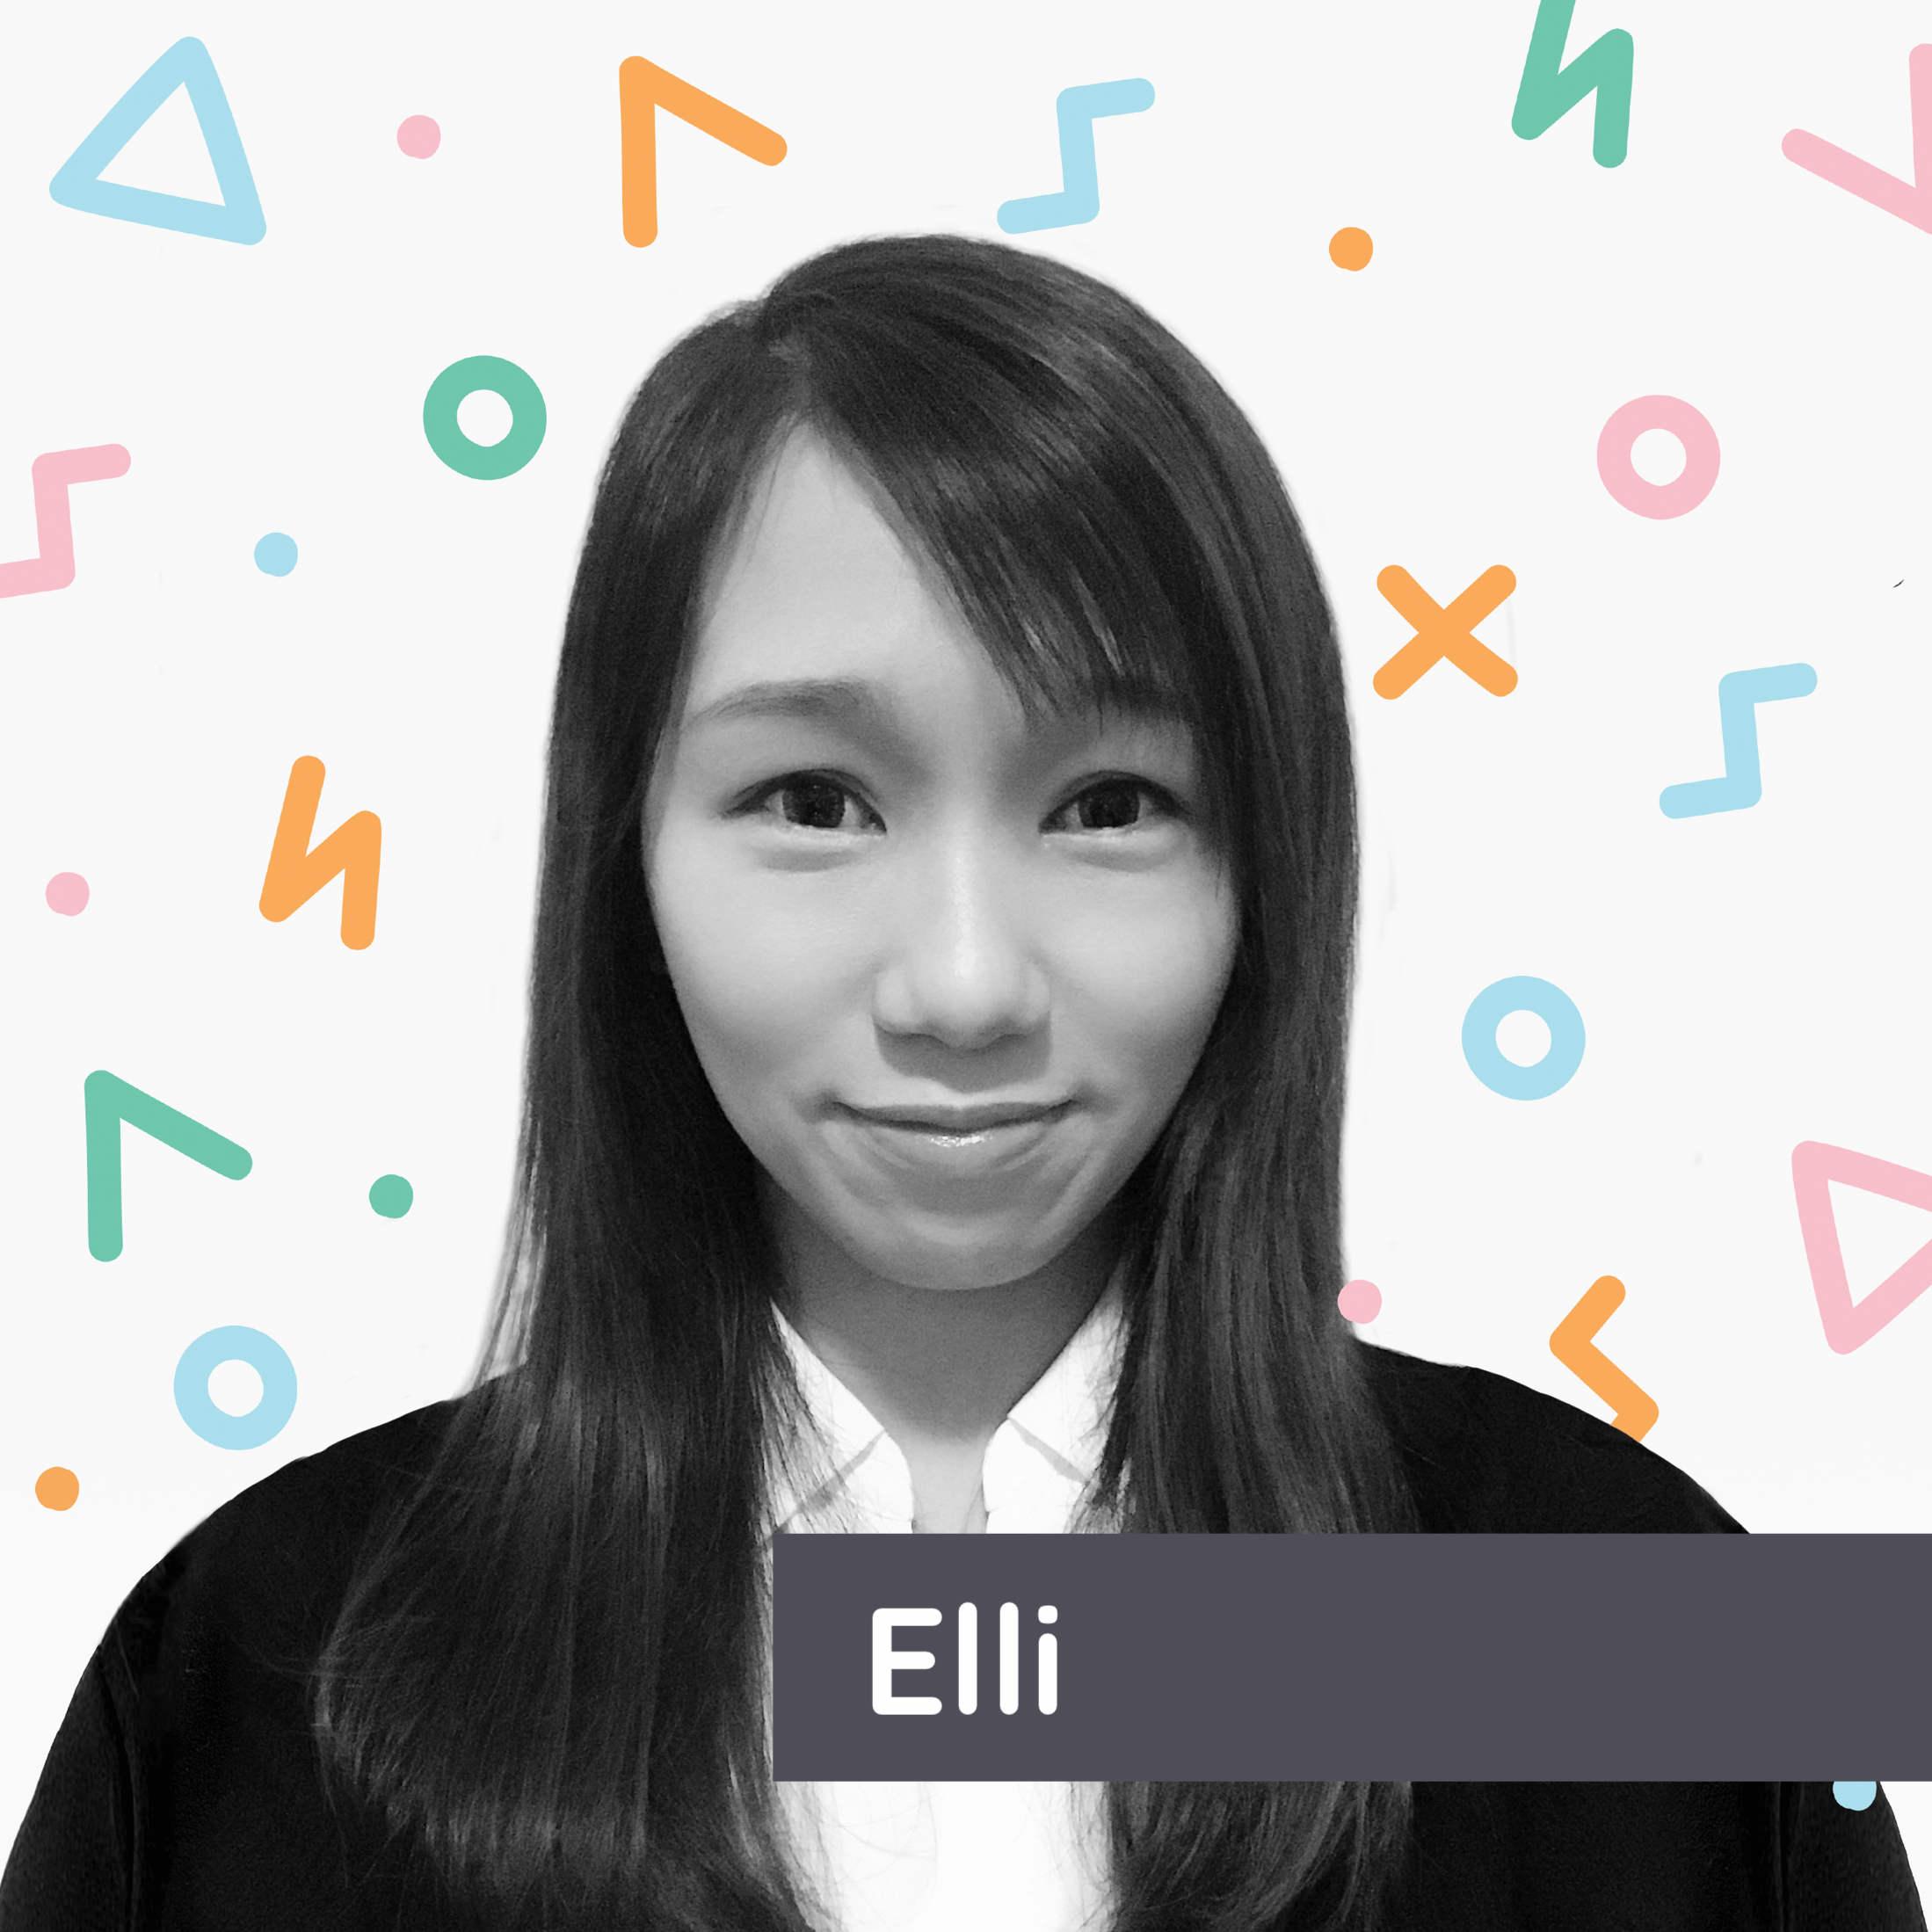 Elli_LGC